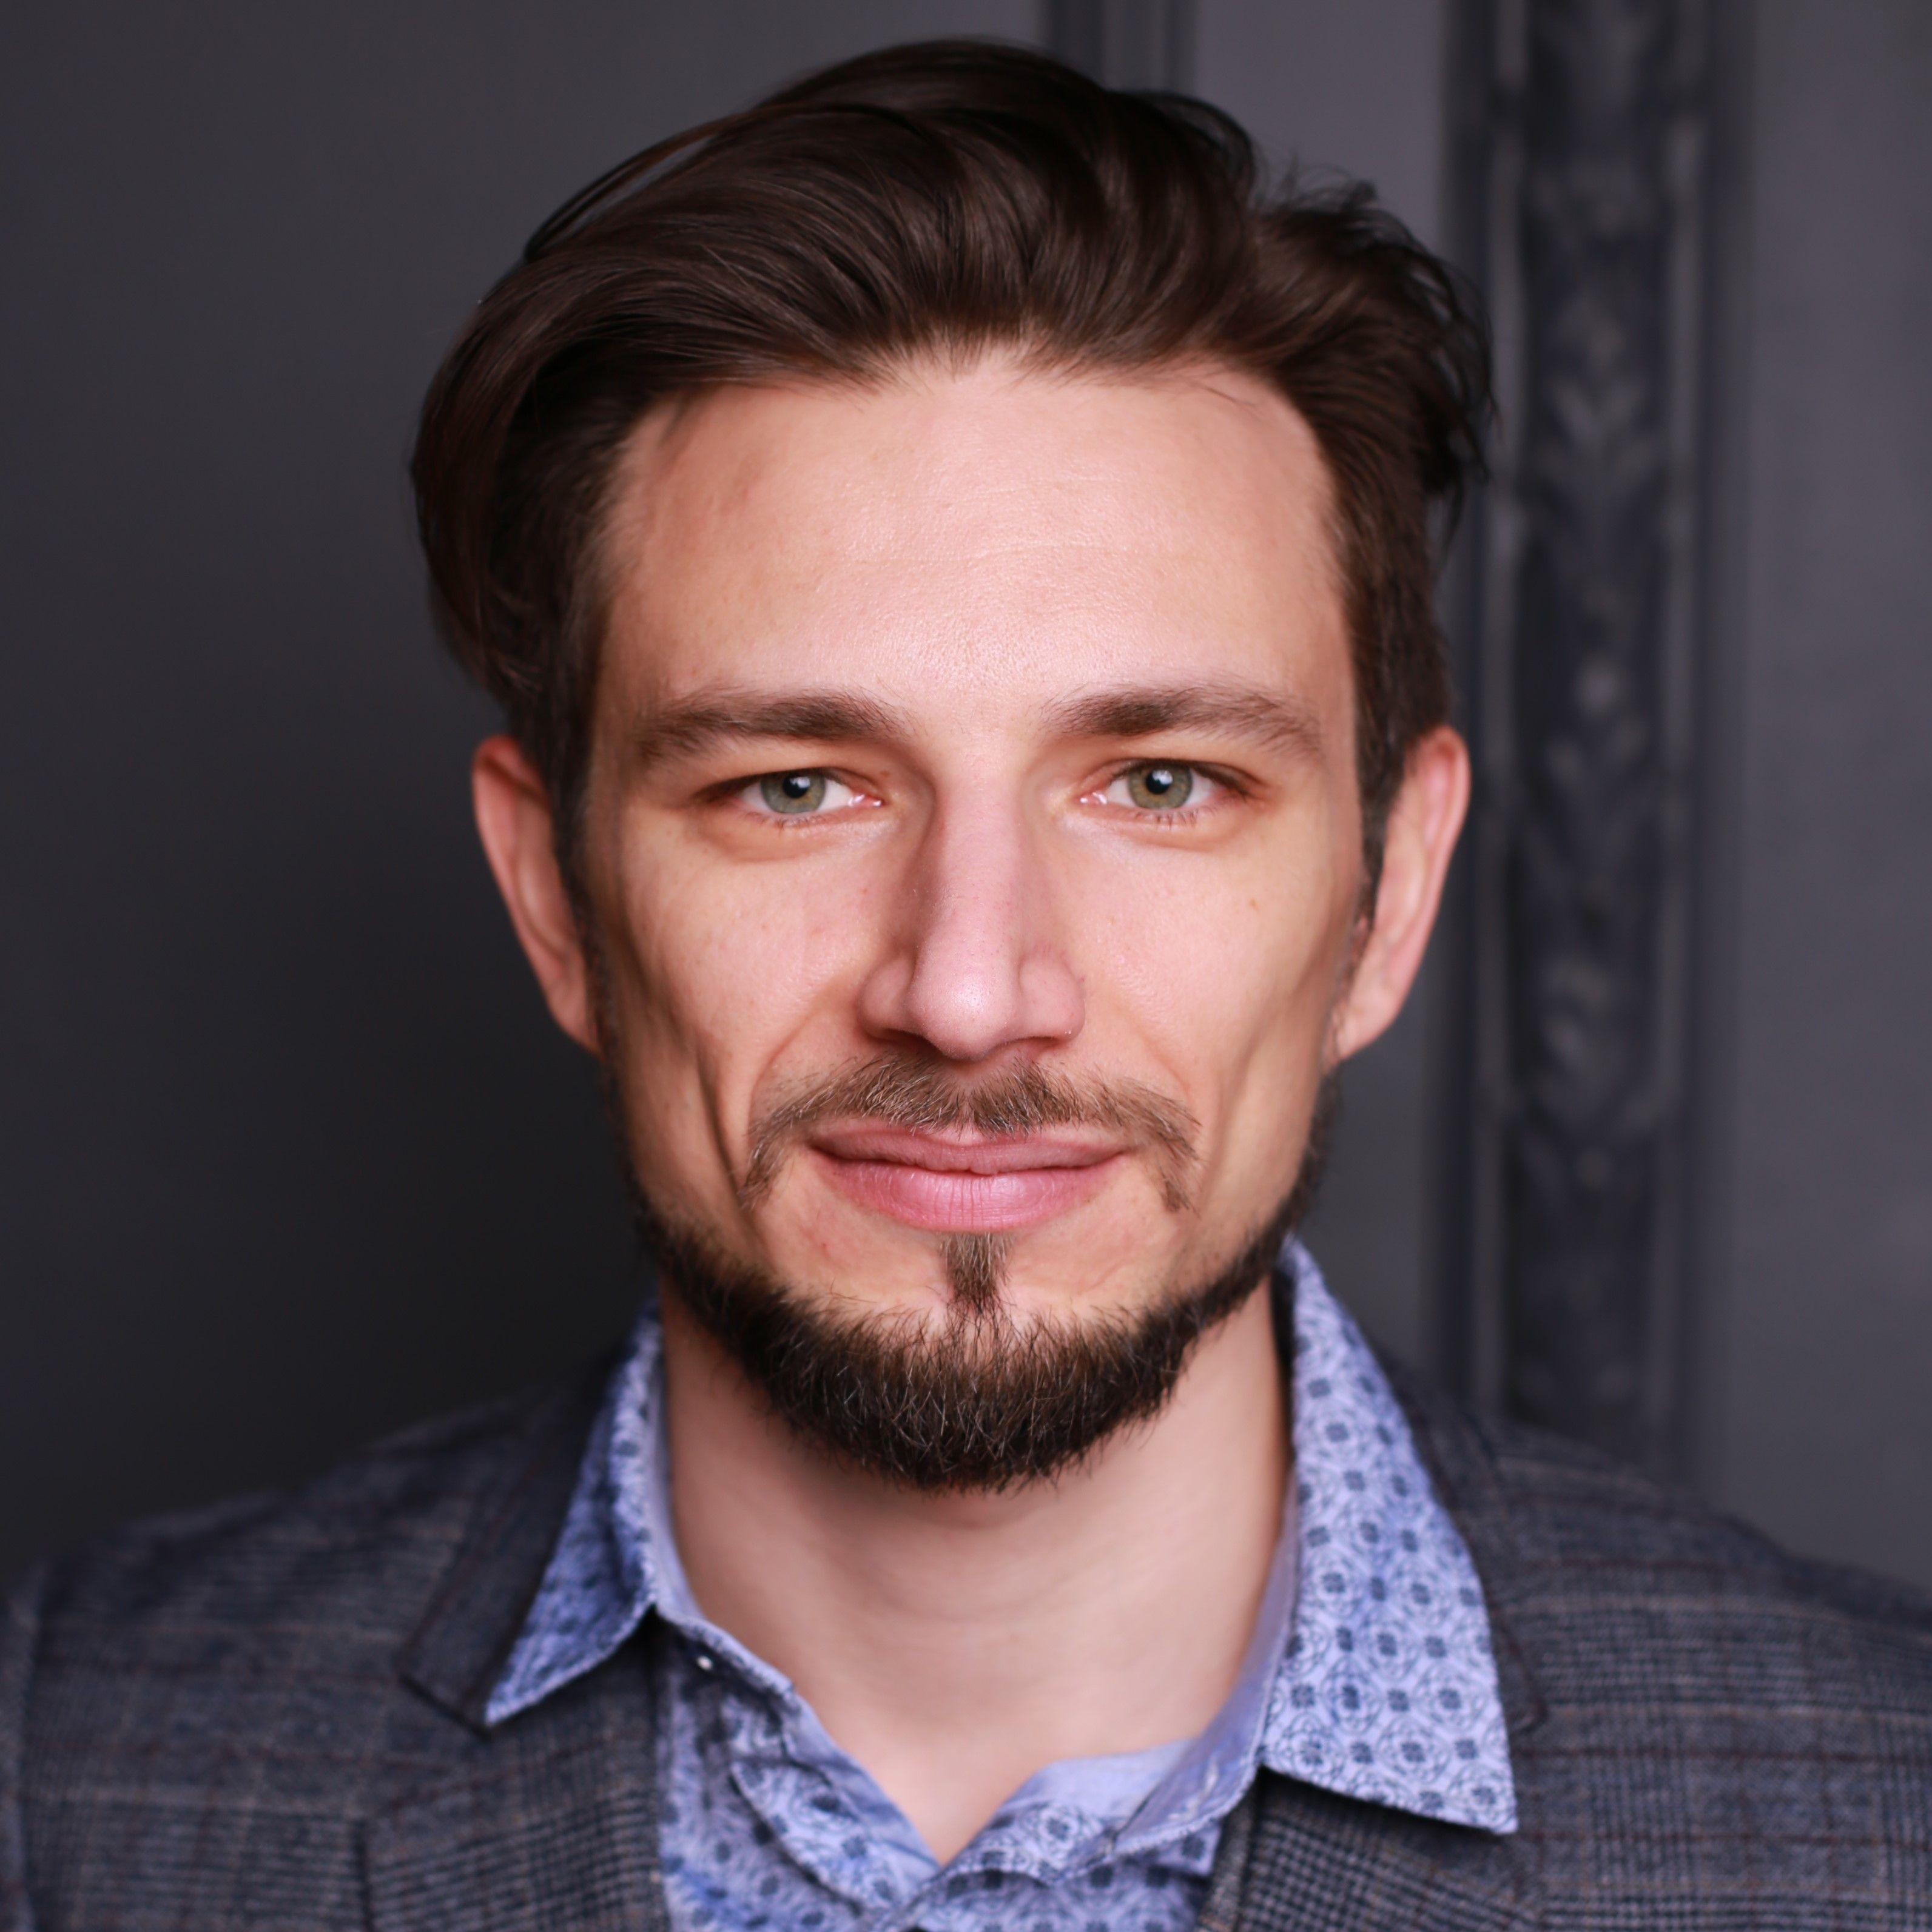 Barin Britva Hacker Noon profile picture